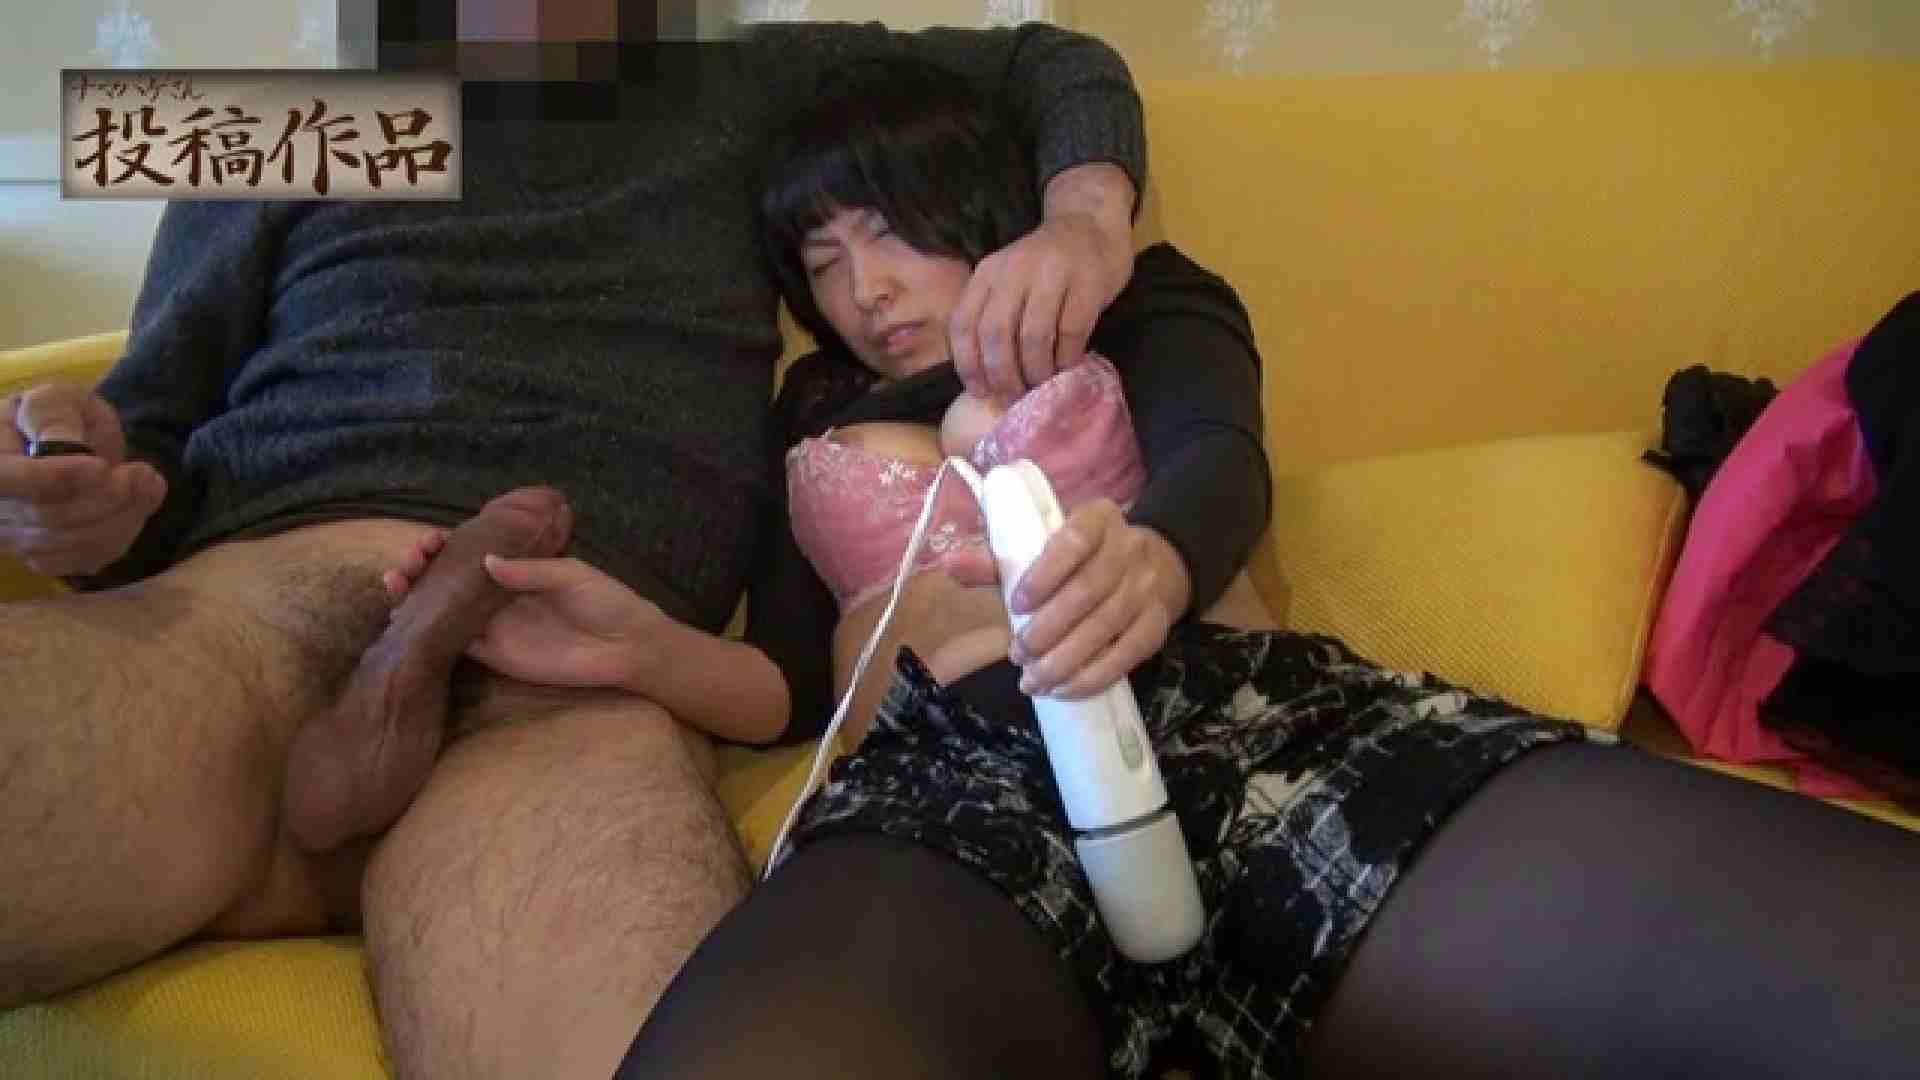 ナマハゲさんのまんこコレクション第二章 Ayaka 投稿   爆乳  67pic 11